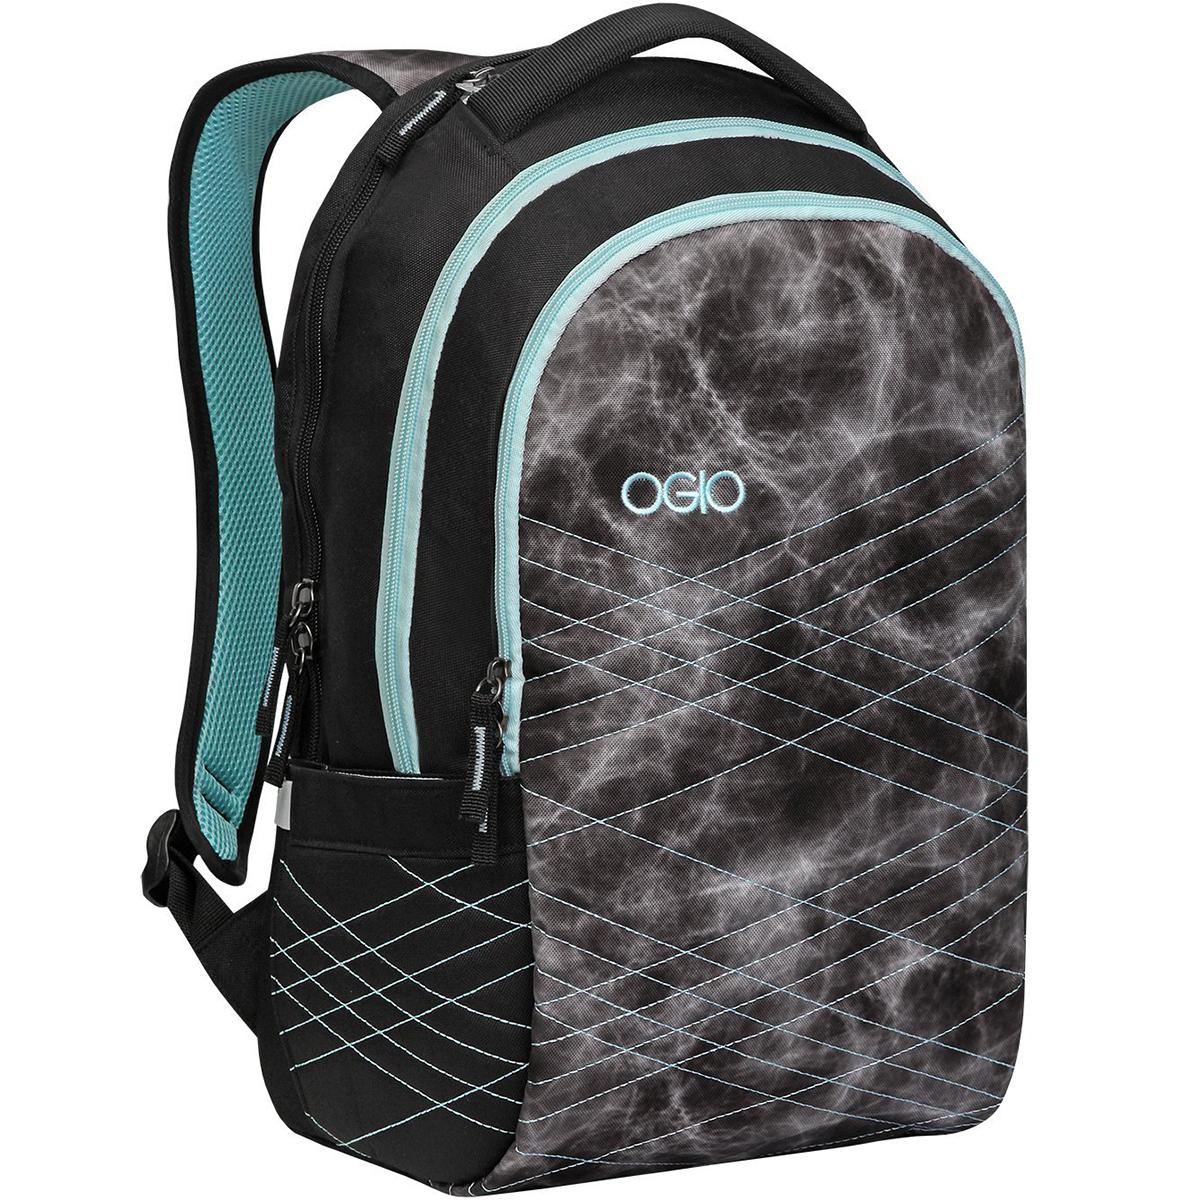 Рюкзак городской женский OGIO Urban. Synthesis Pack (A/S), цвет: черный, мятный. 031652227347031652227347Функциональный городской рюкзак, который отлично держит форму и не висит мешком. Synthesis Pack с легкостью сохранит Ваш ноутбук и планшет в целости в отдельно внутреннем мягком отсеке, а для хрупких мелочей, например, очков или фотоаппарата предназначен верхний отдельный карман на молнии с мягкой флисовой подкладкой. Любителей идеального порядка наверняка порадует внешний карман-органайзер с многочисленными отсеками для ручек, блокнотов и карабином для ключей, так что Вам не придется тратить время на поиск самых необходимых предметов, которые так и норовят затеряться в пространстве рюкзаков.